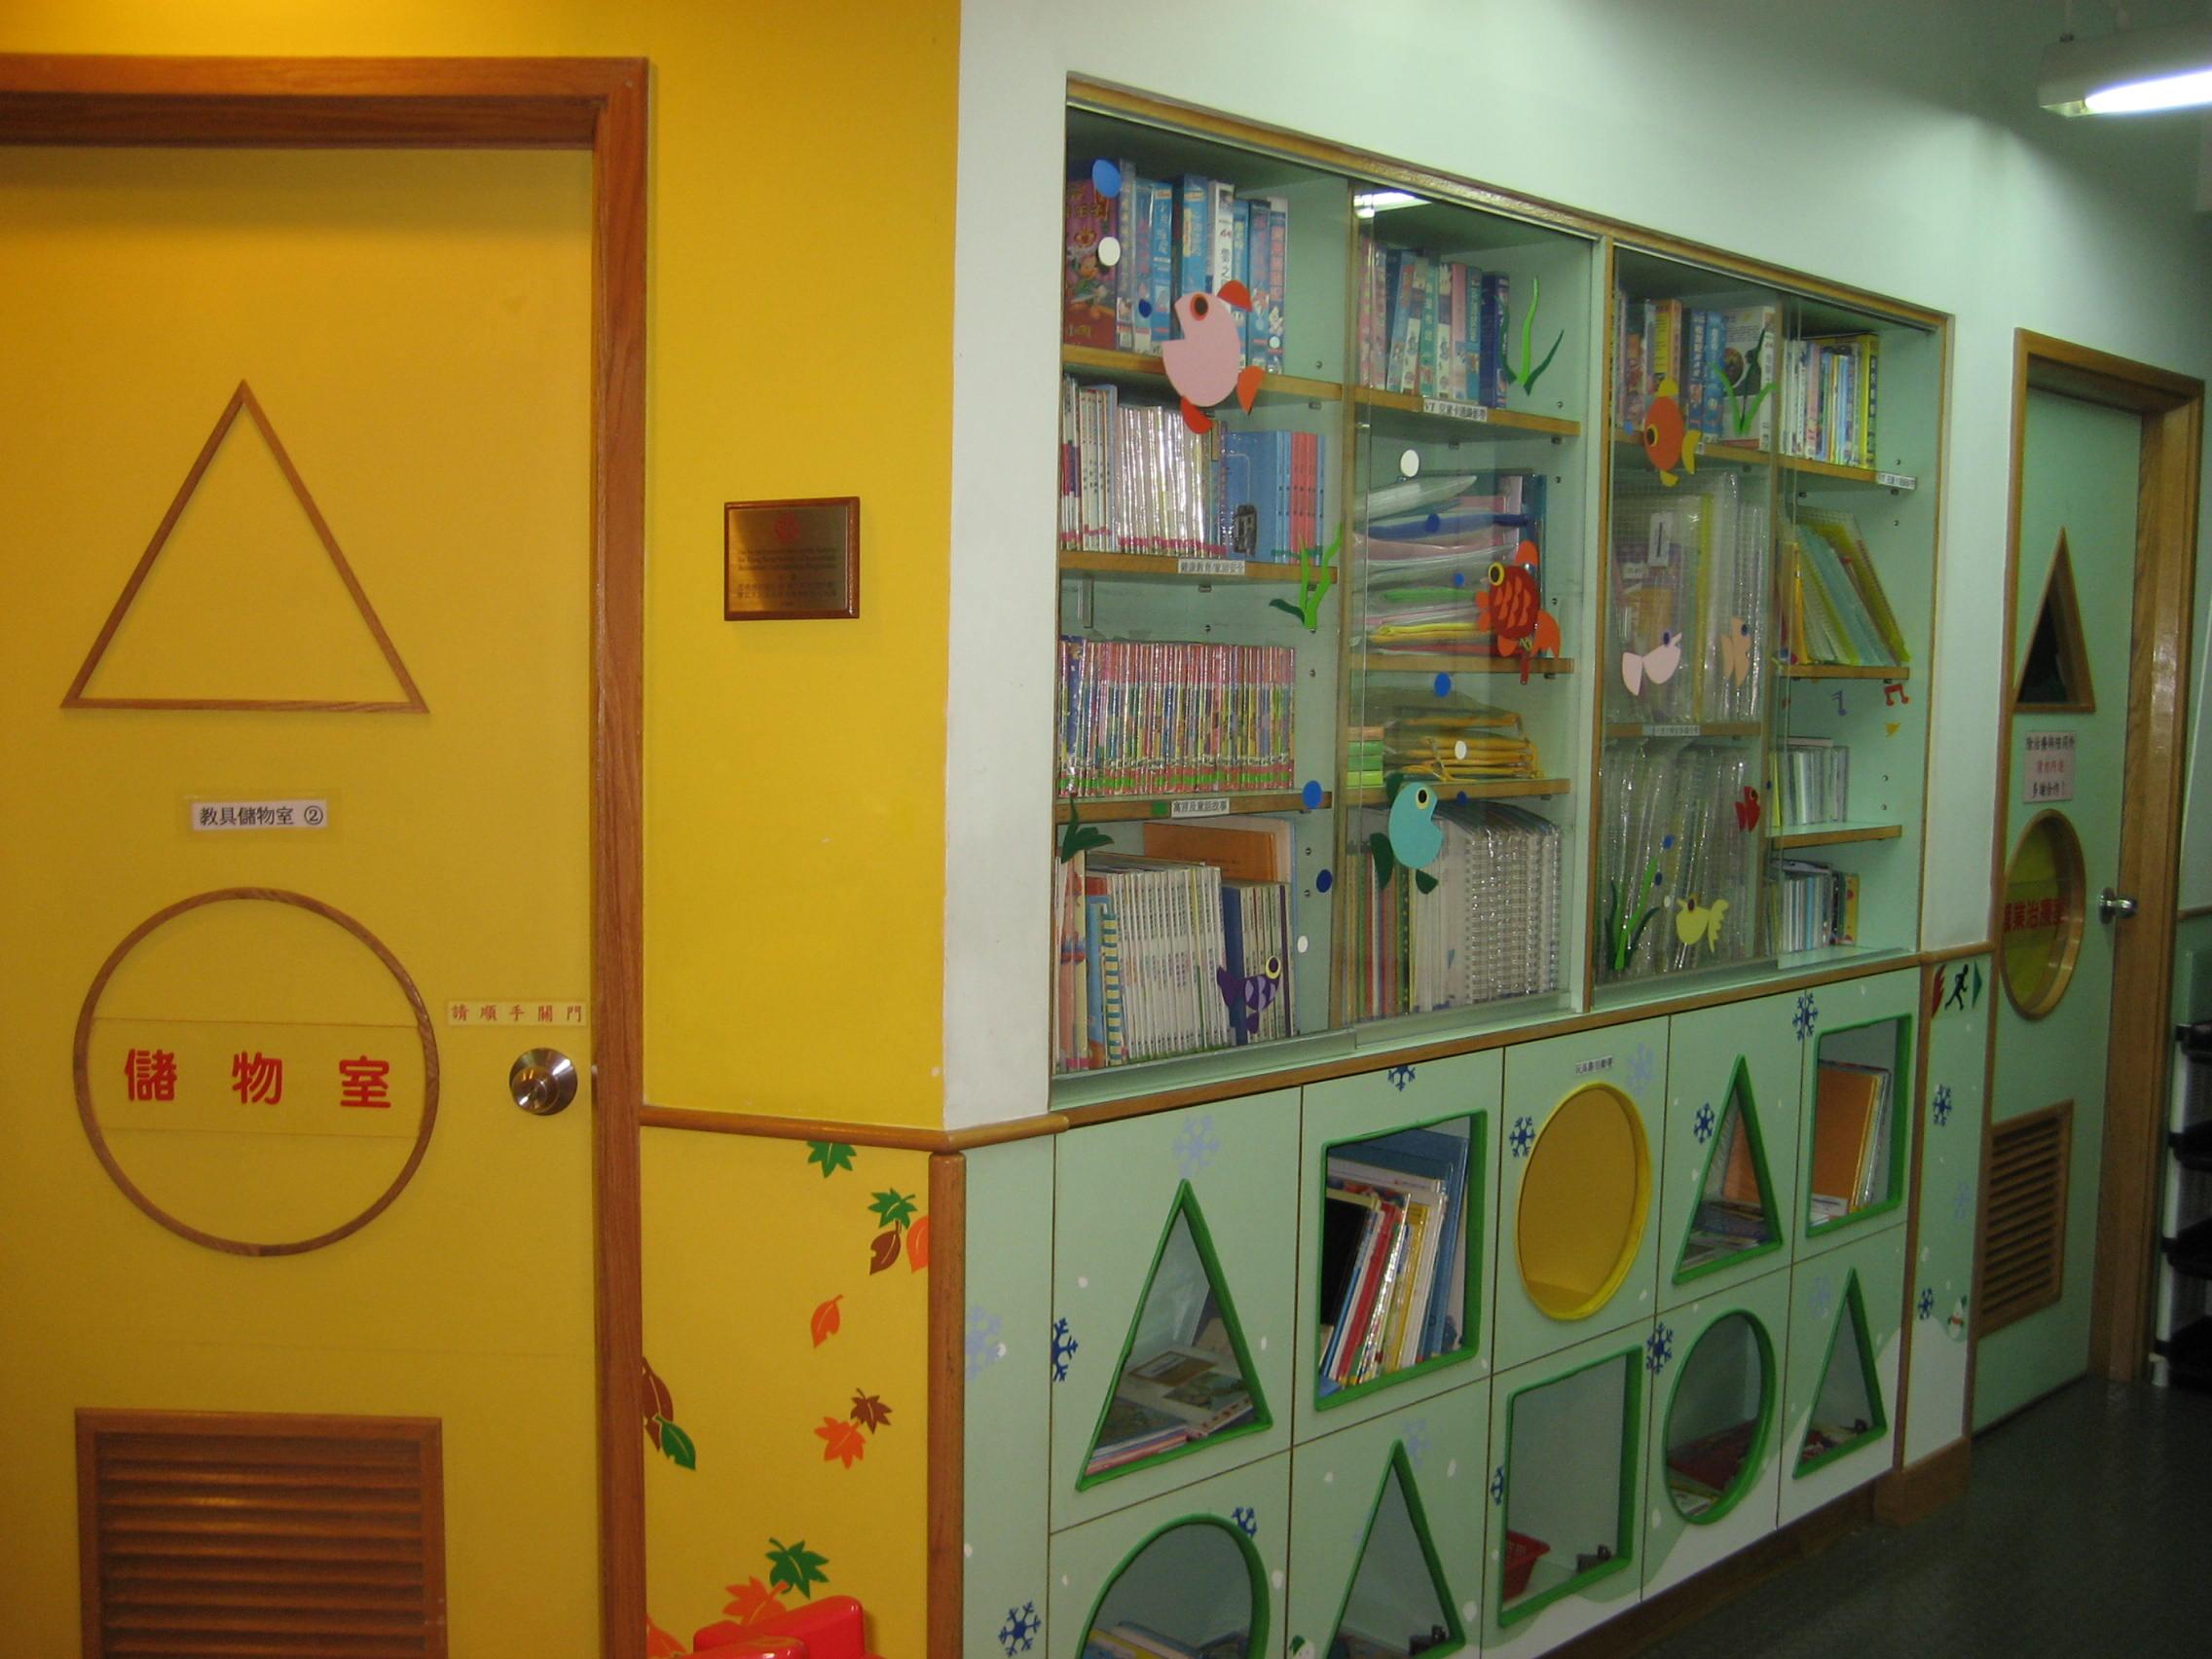 親子圖書館:喜歡閱讀的小朋友及家長,更可在中心課室外的圖書館借閱圖書及其它影音物資。